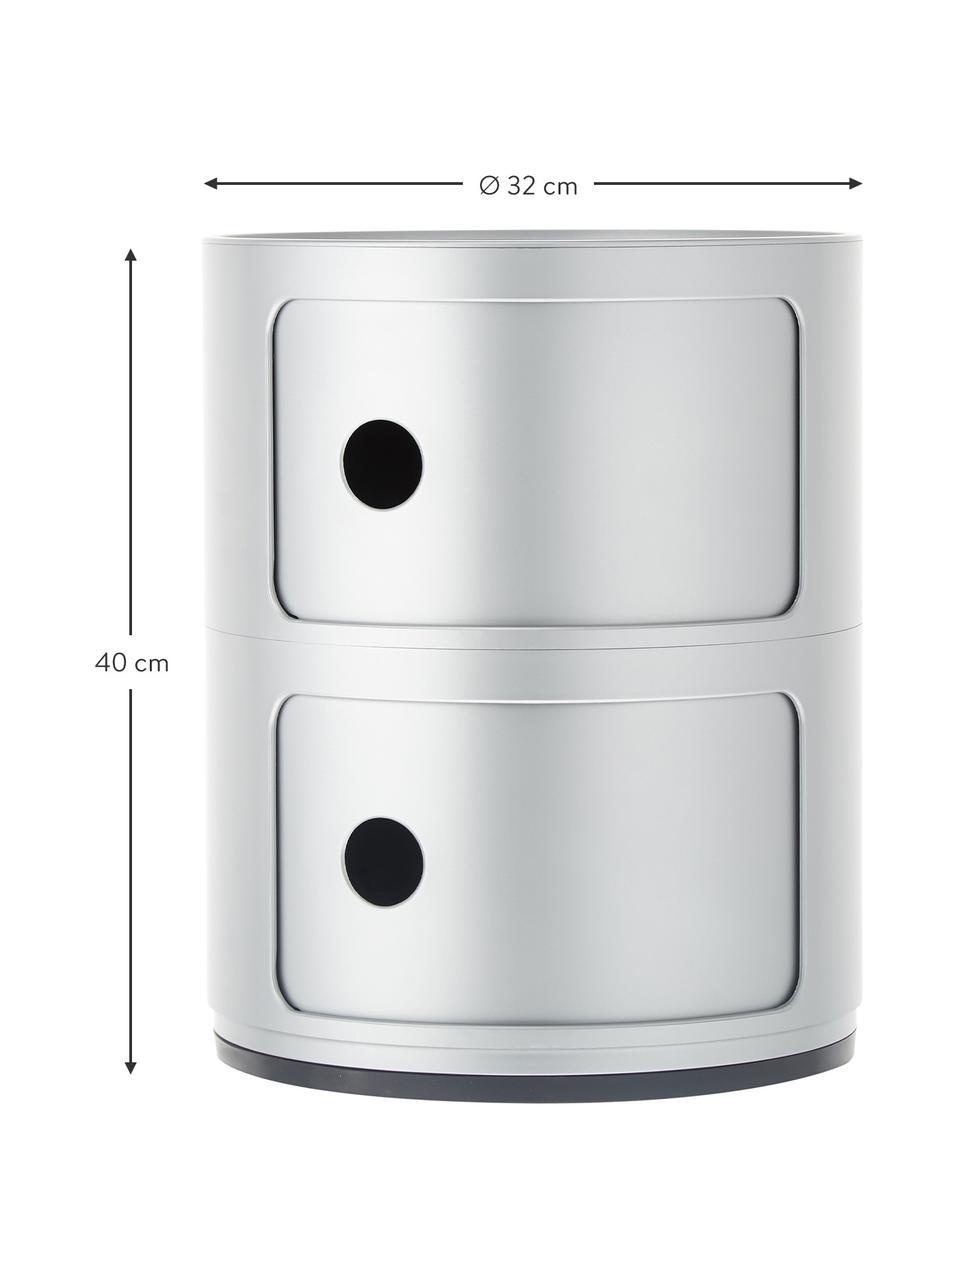 Design Container Componibili 2 Fächer, Kunststoff, Silberfarben, Ø 32 x H 40 cm